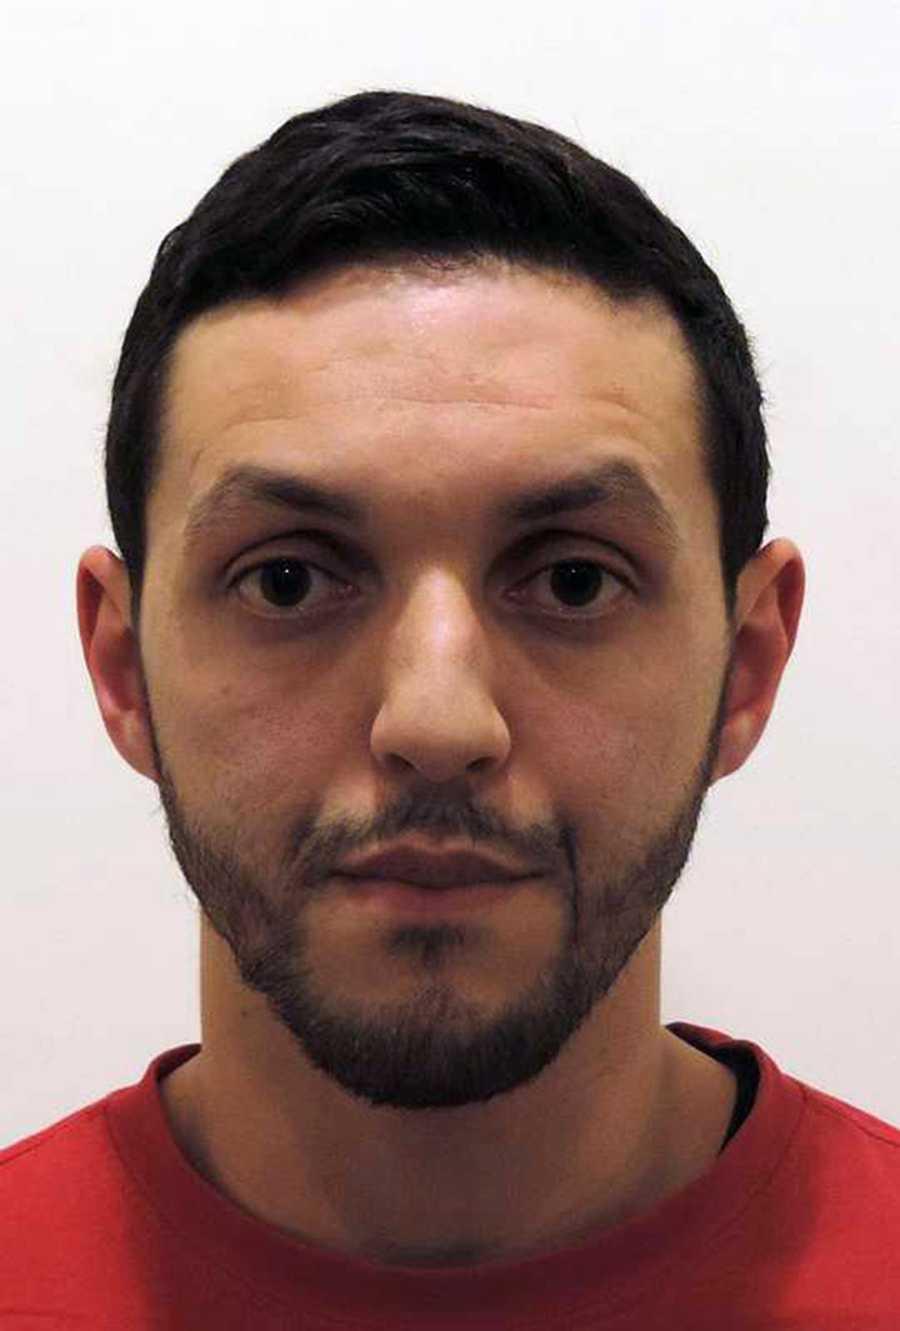 Mohamed Abrini, 30.